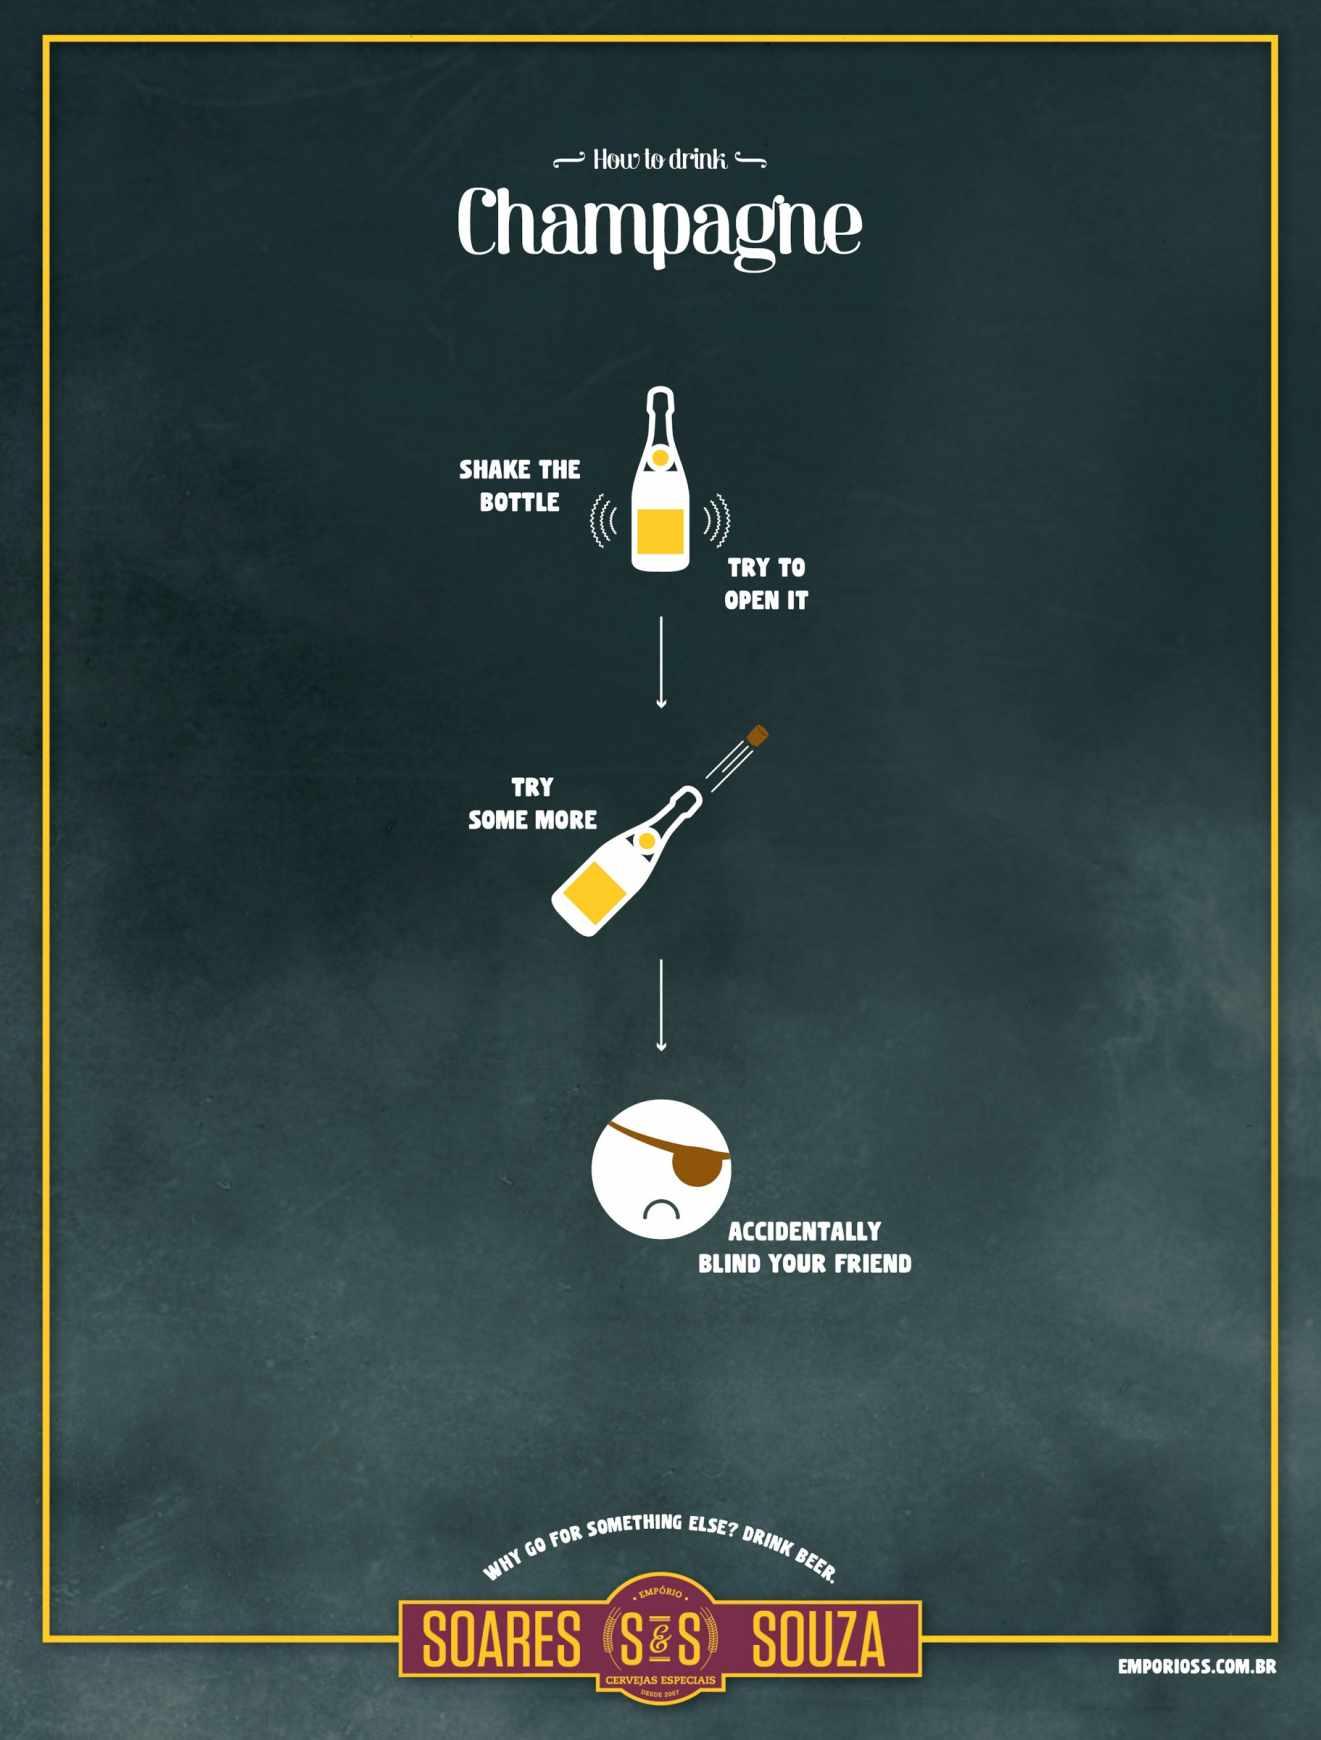 #CuandoLaPublicidad: Aprecia la cerveza.